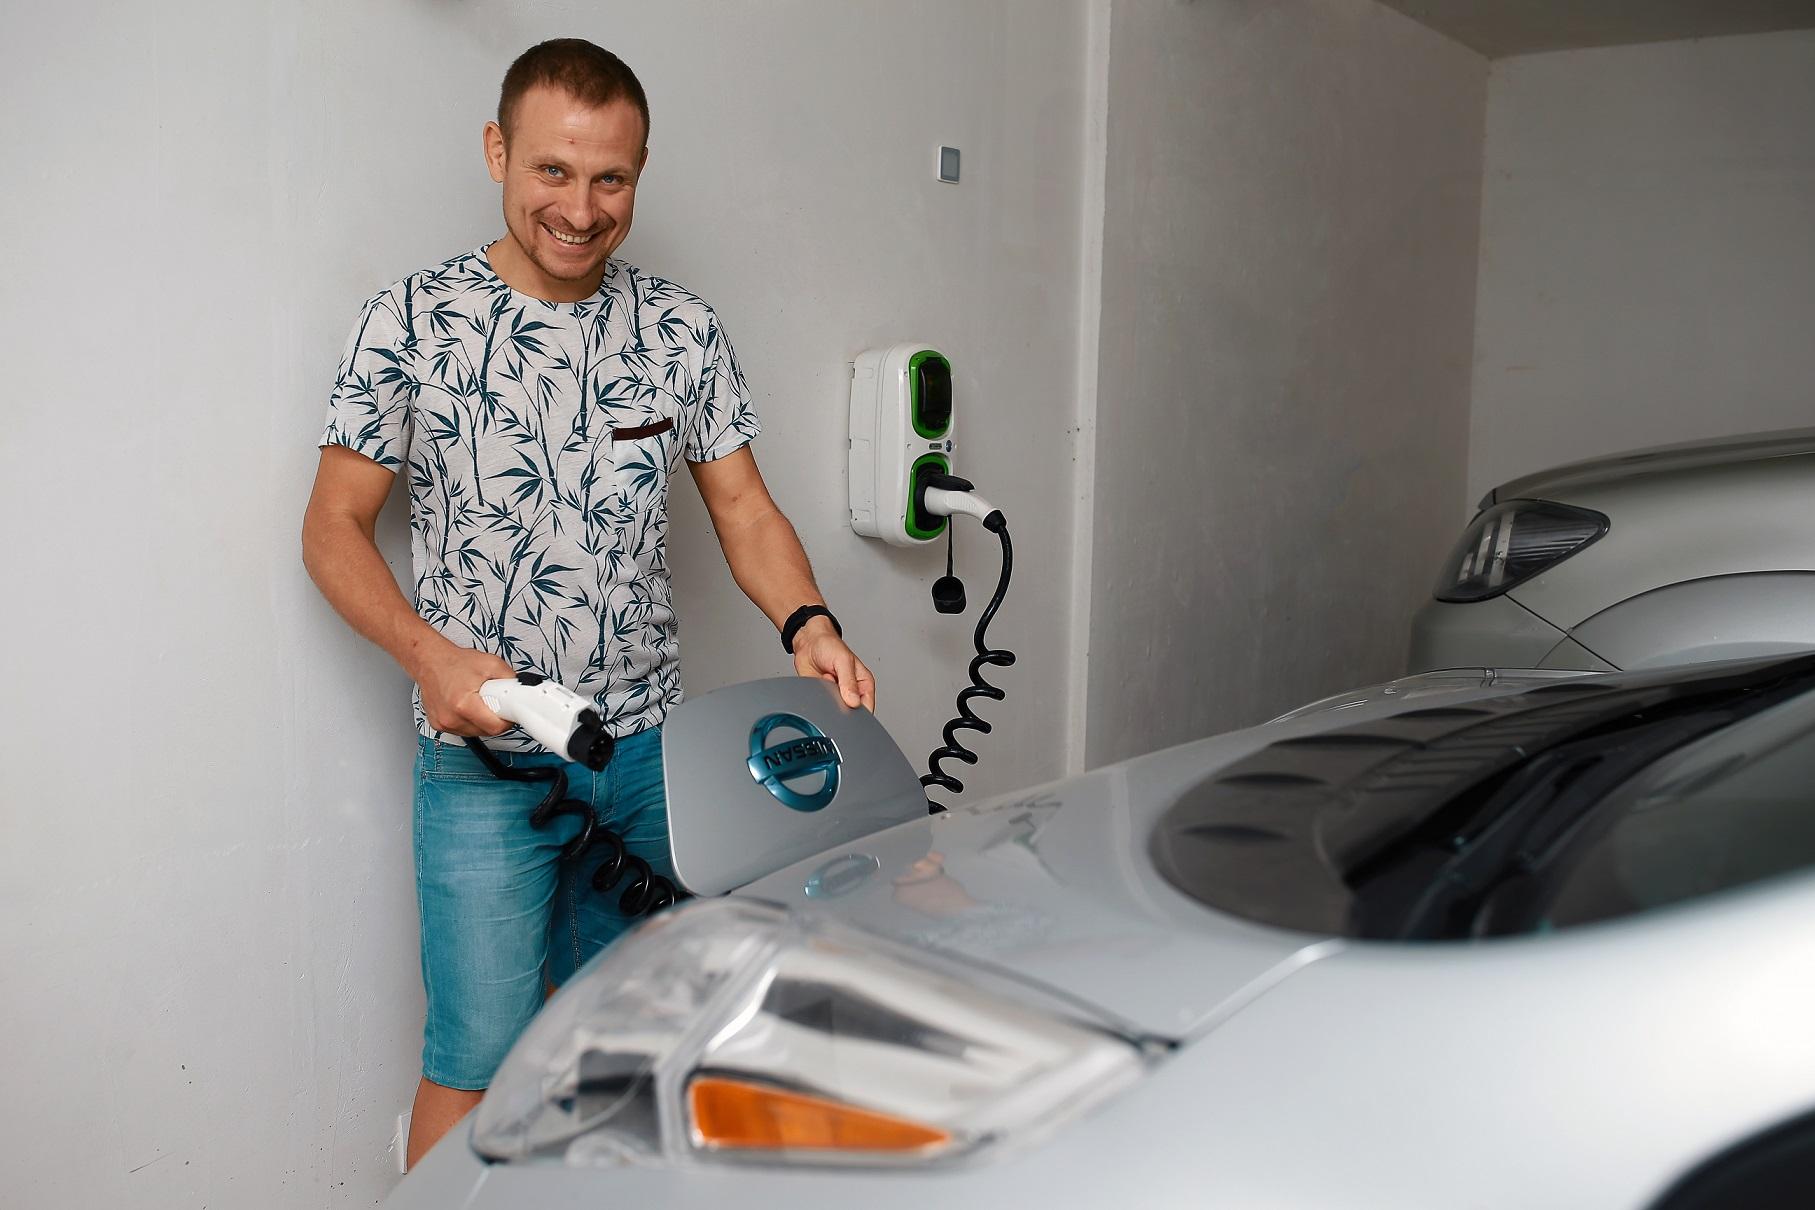 Maxim Ciumaş, entuziasmat de mașina sa personală, pe care o alimentează chiar de acasă, cu energie electrică de la o priză specială. Foto: agora.md